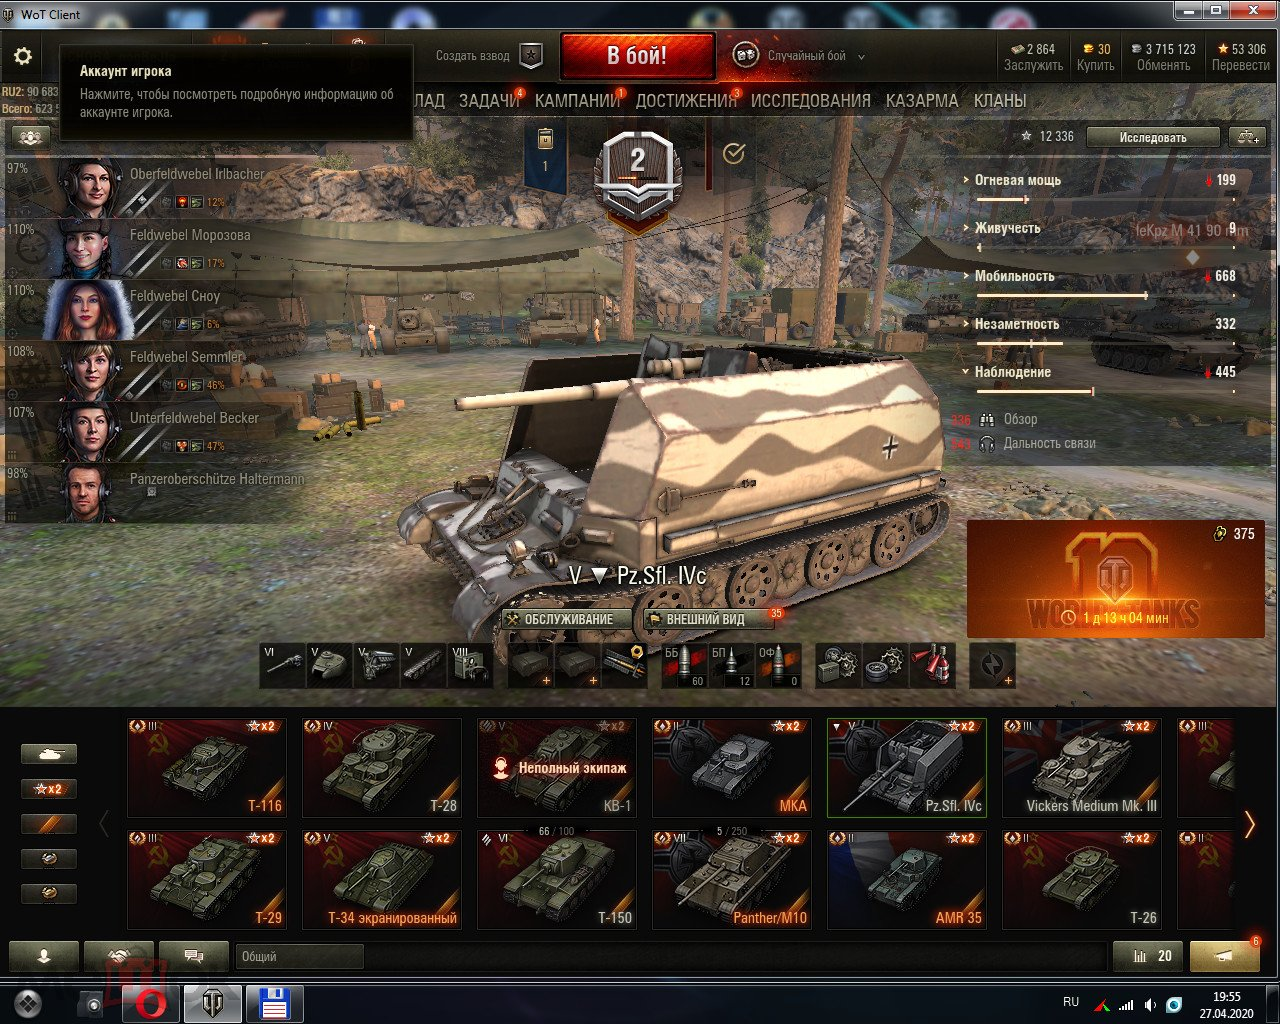 Аккаунт с почтой в  World of tanks 60% побед с 6 (+1 на выбор)  премиум танками.  3715123 серебра.